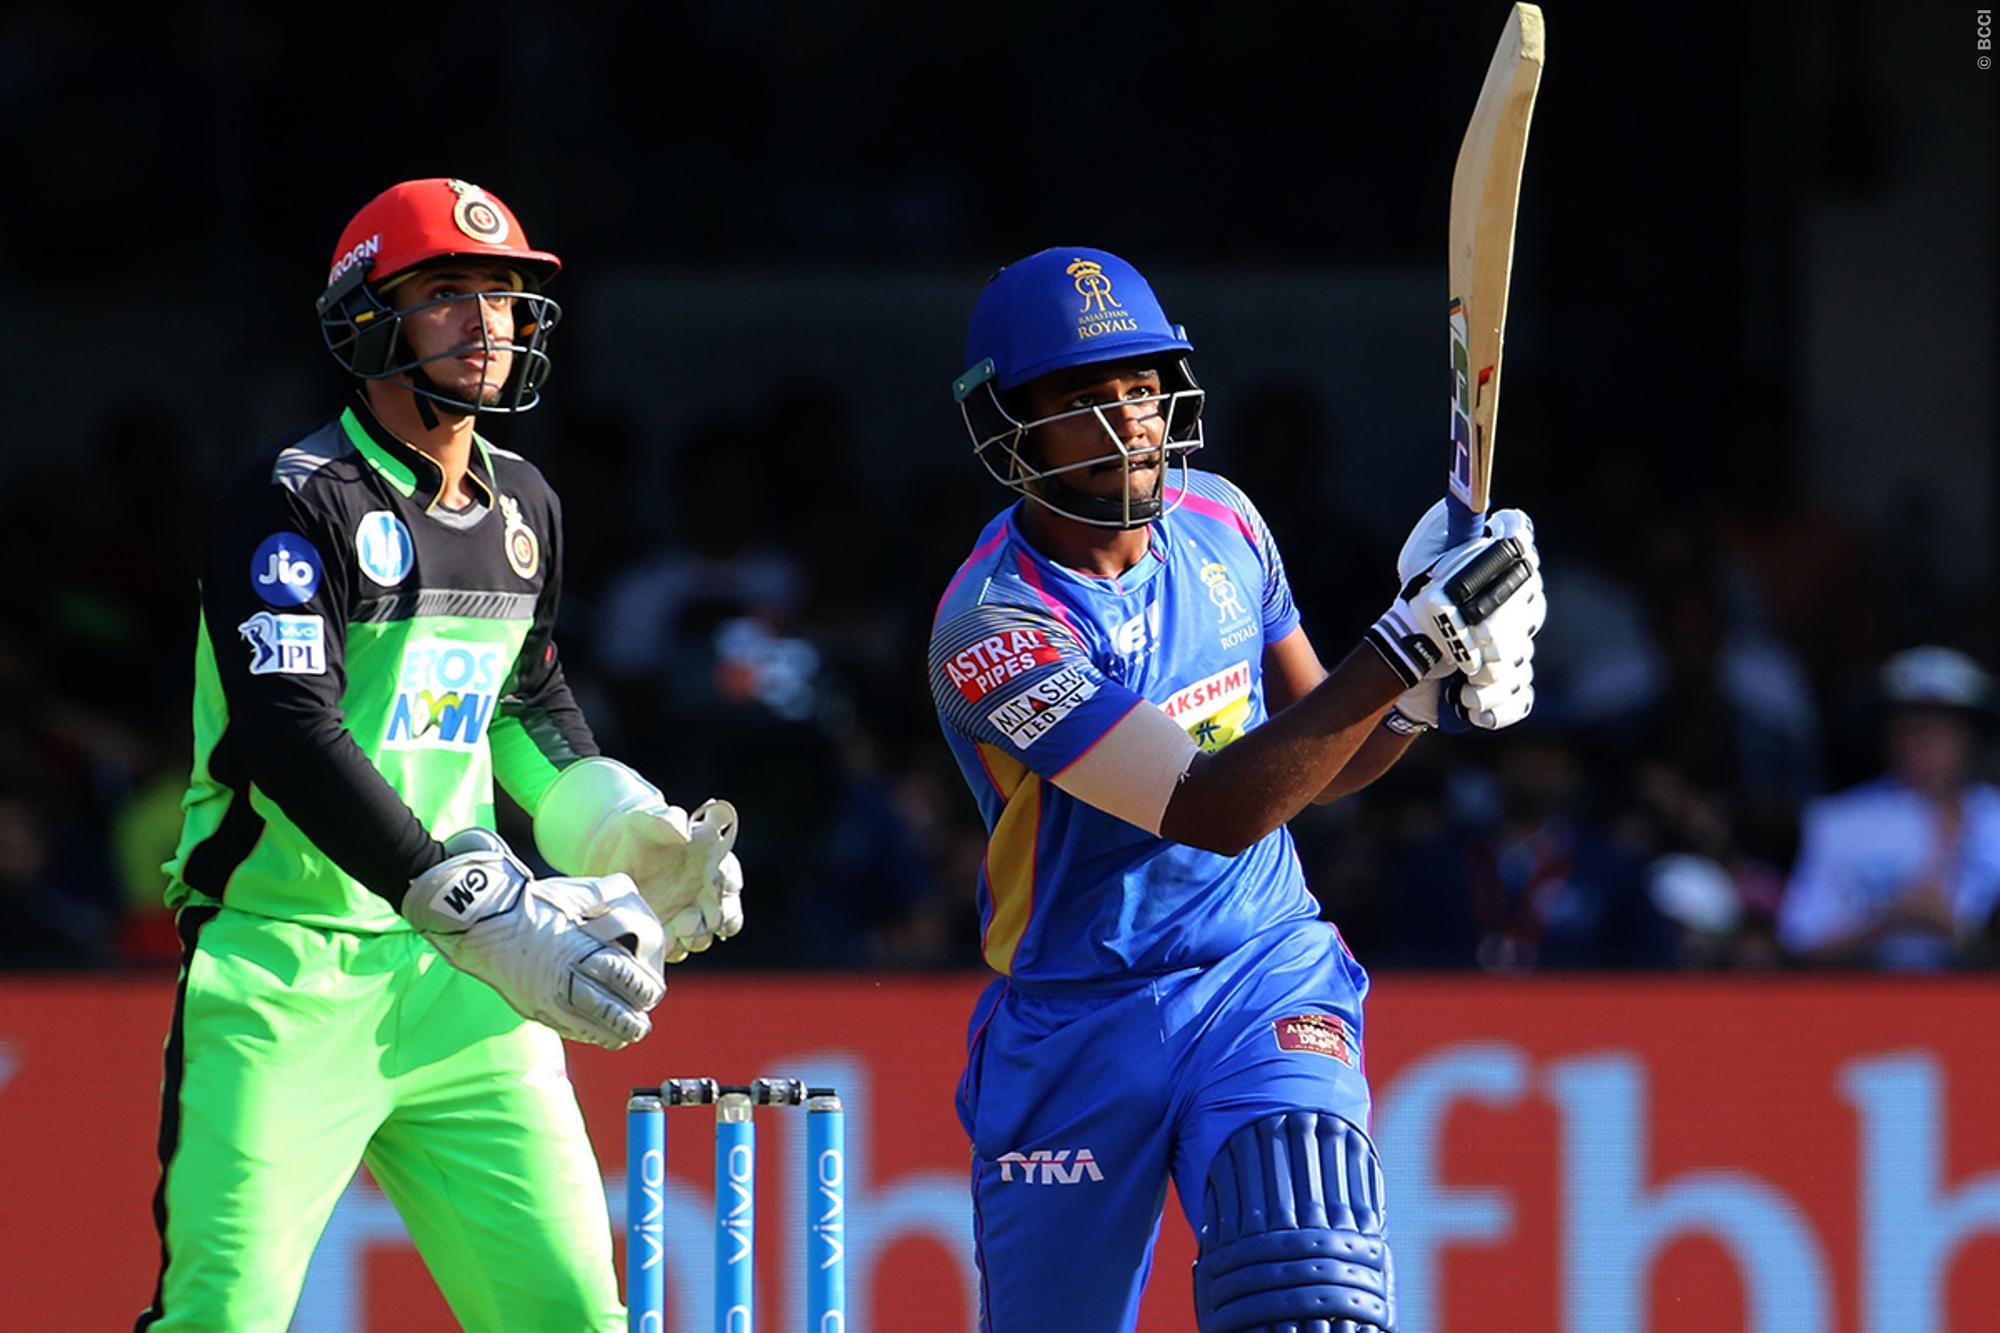 रहाणे और स्टोक्स नहीं, बल्कि अगर यह खिलाड़ी बन जाए कप्तान तो दिला सकता है राजस्थान को आईपीएल 12